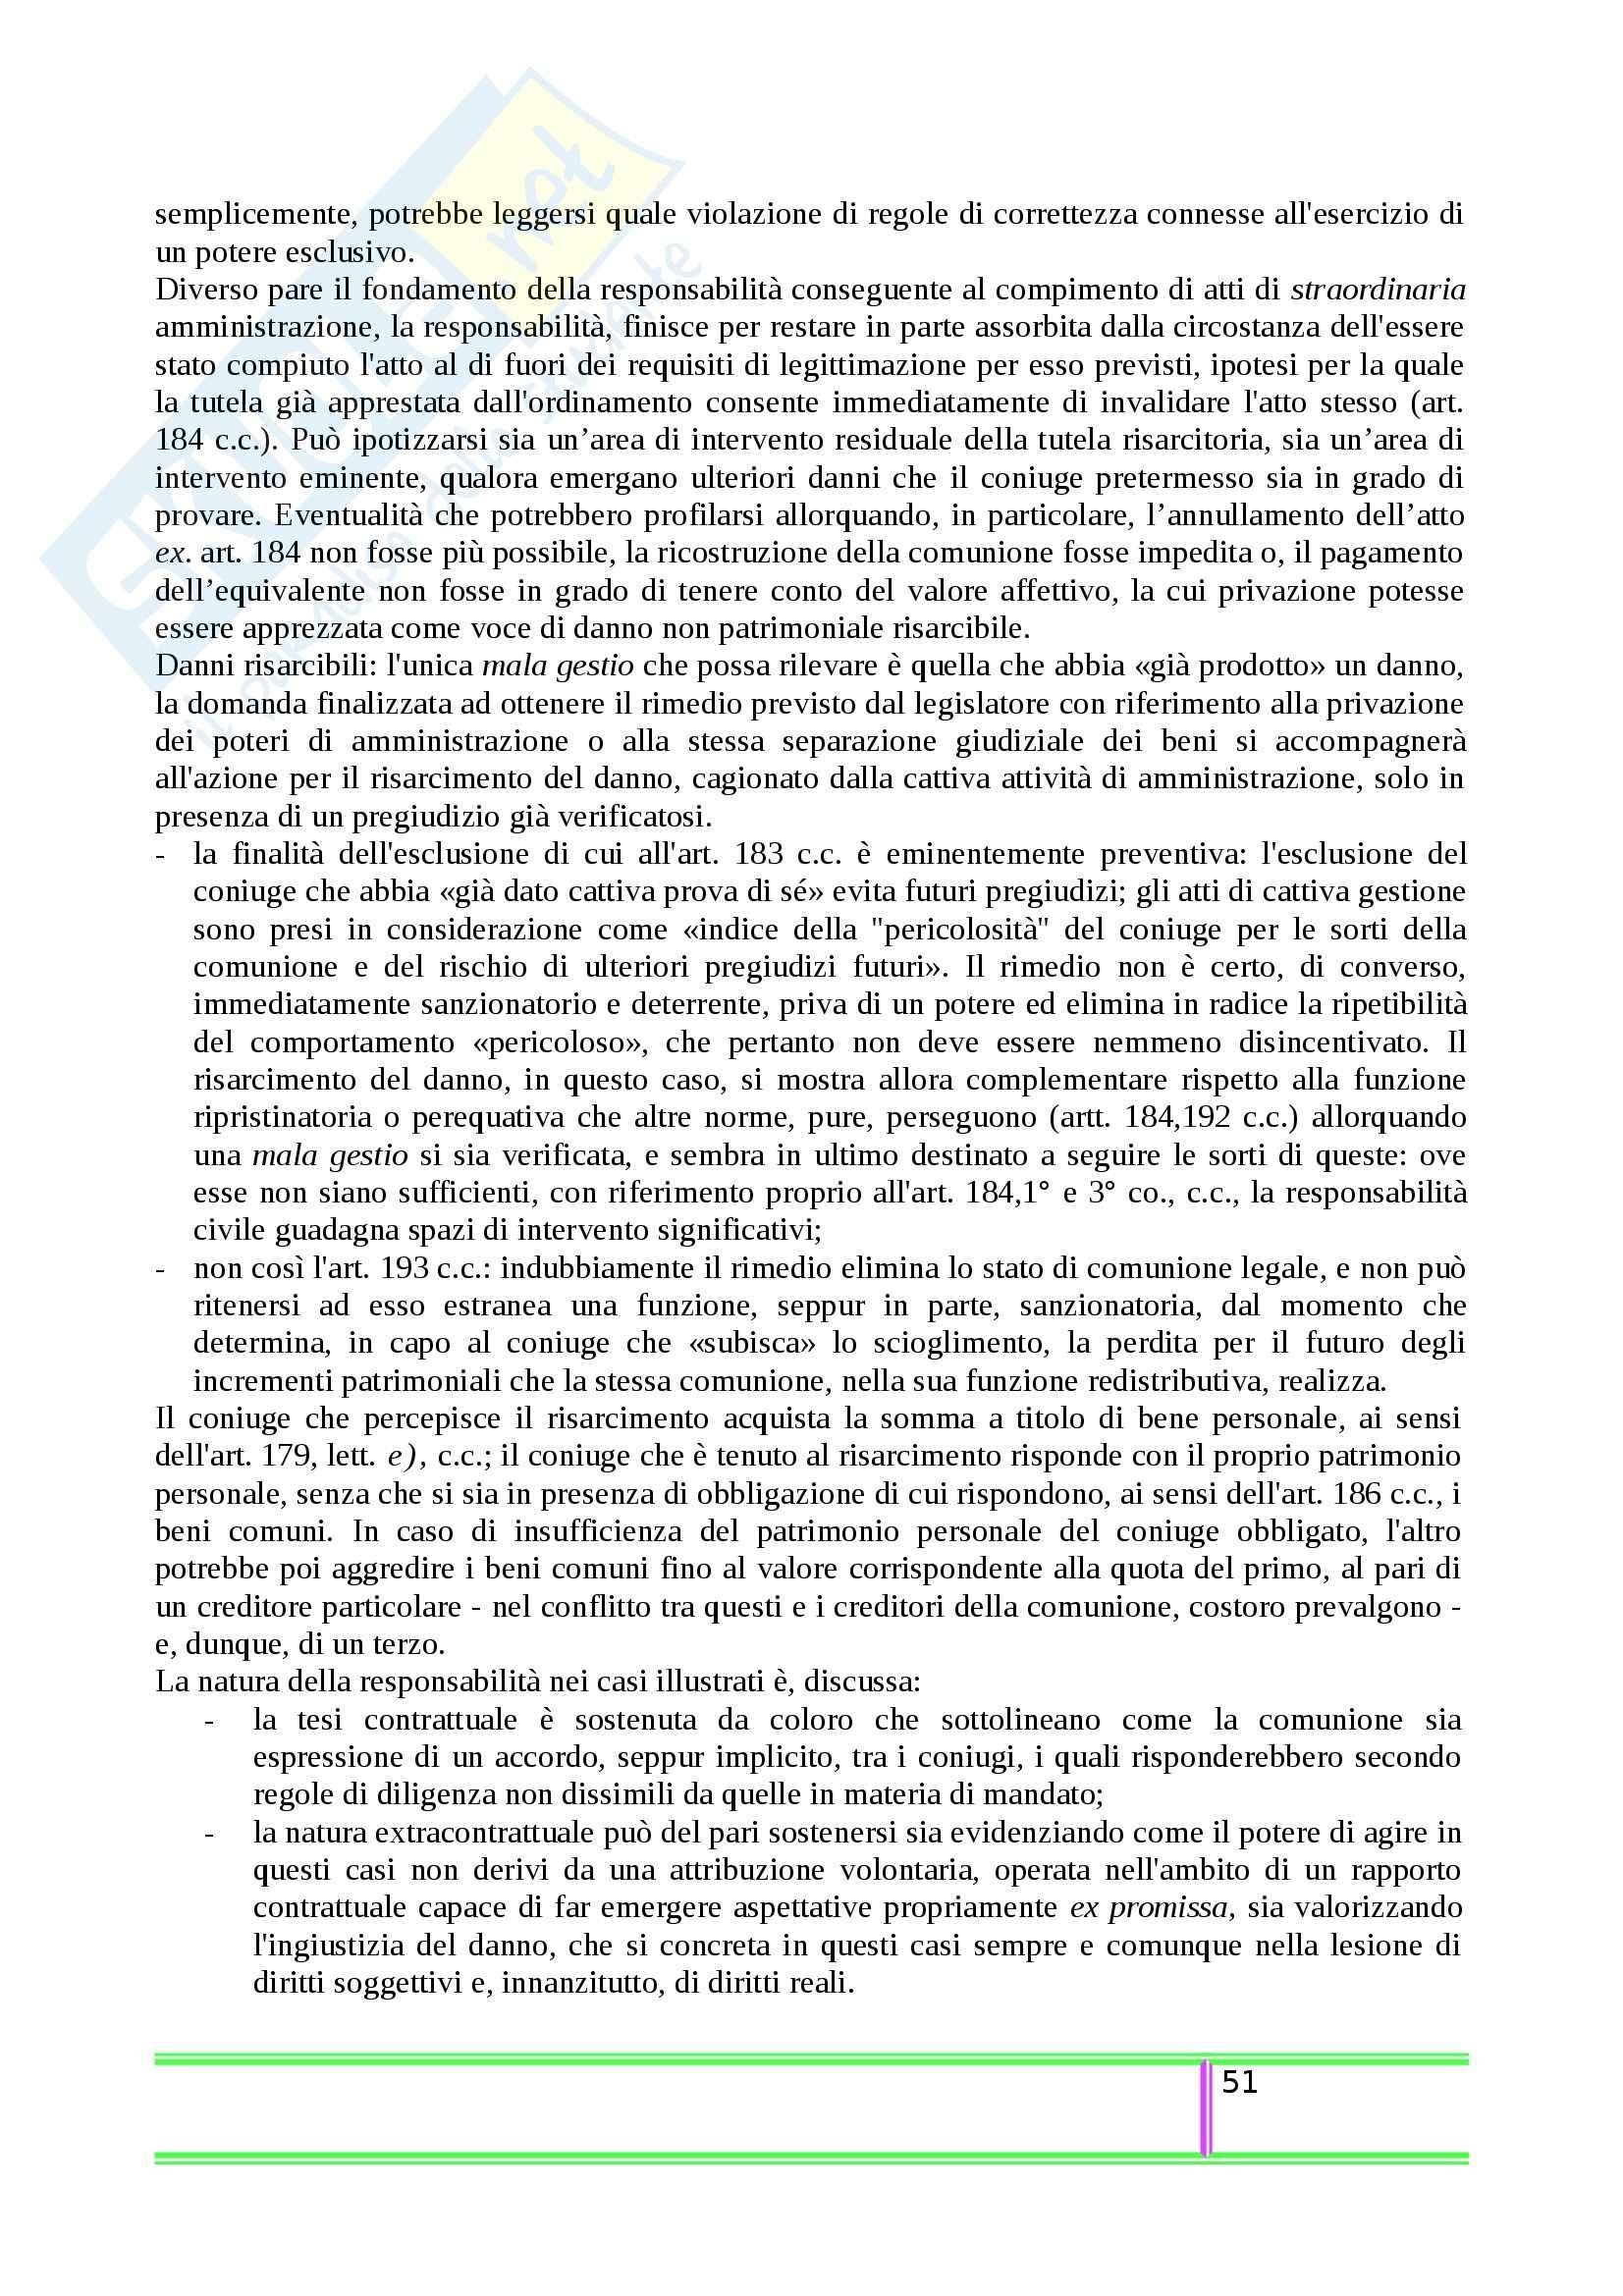 Riassunto esame Diritto Civile, prof. Balestra, libro consigliato La Responsabilità nelle Relazioni Familiari, Sesta Pag. 51